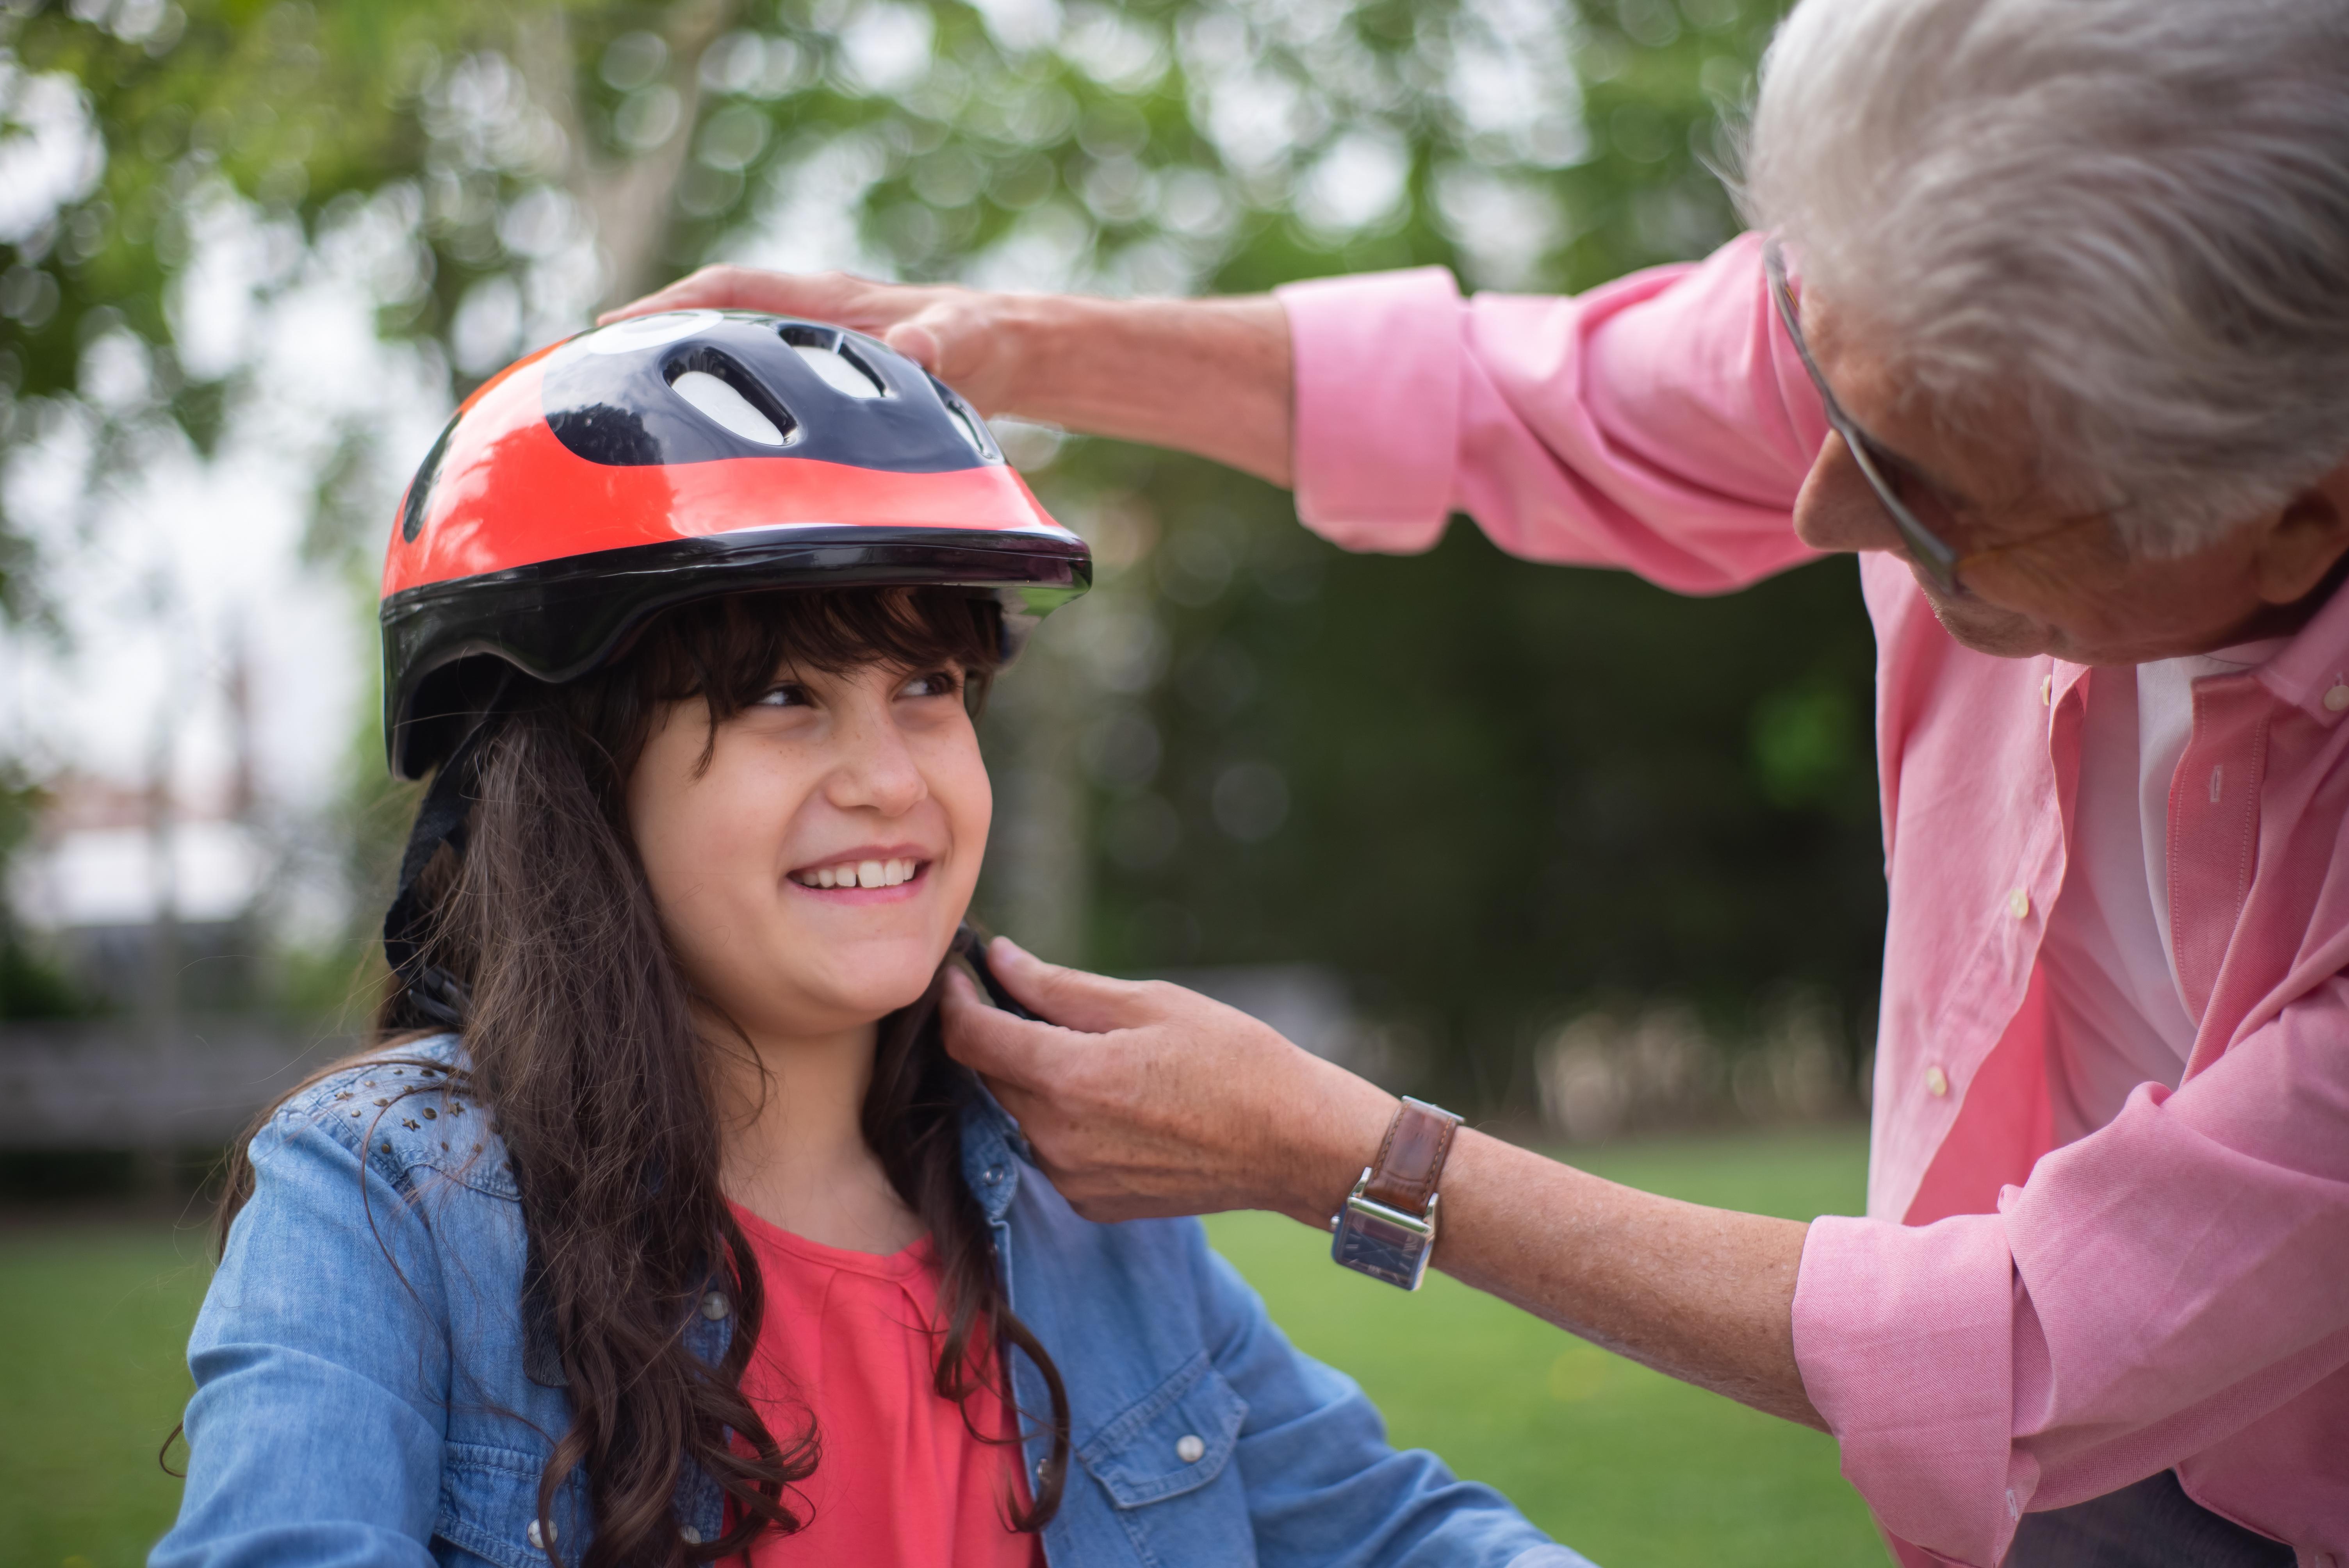 Imaš kolesarsko čelado pravilno nameščeno?